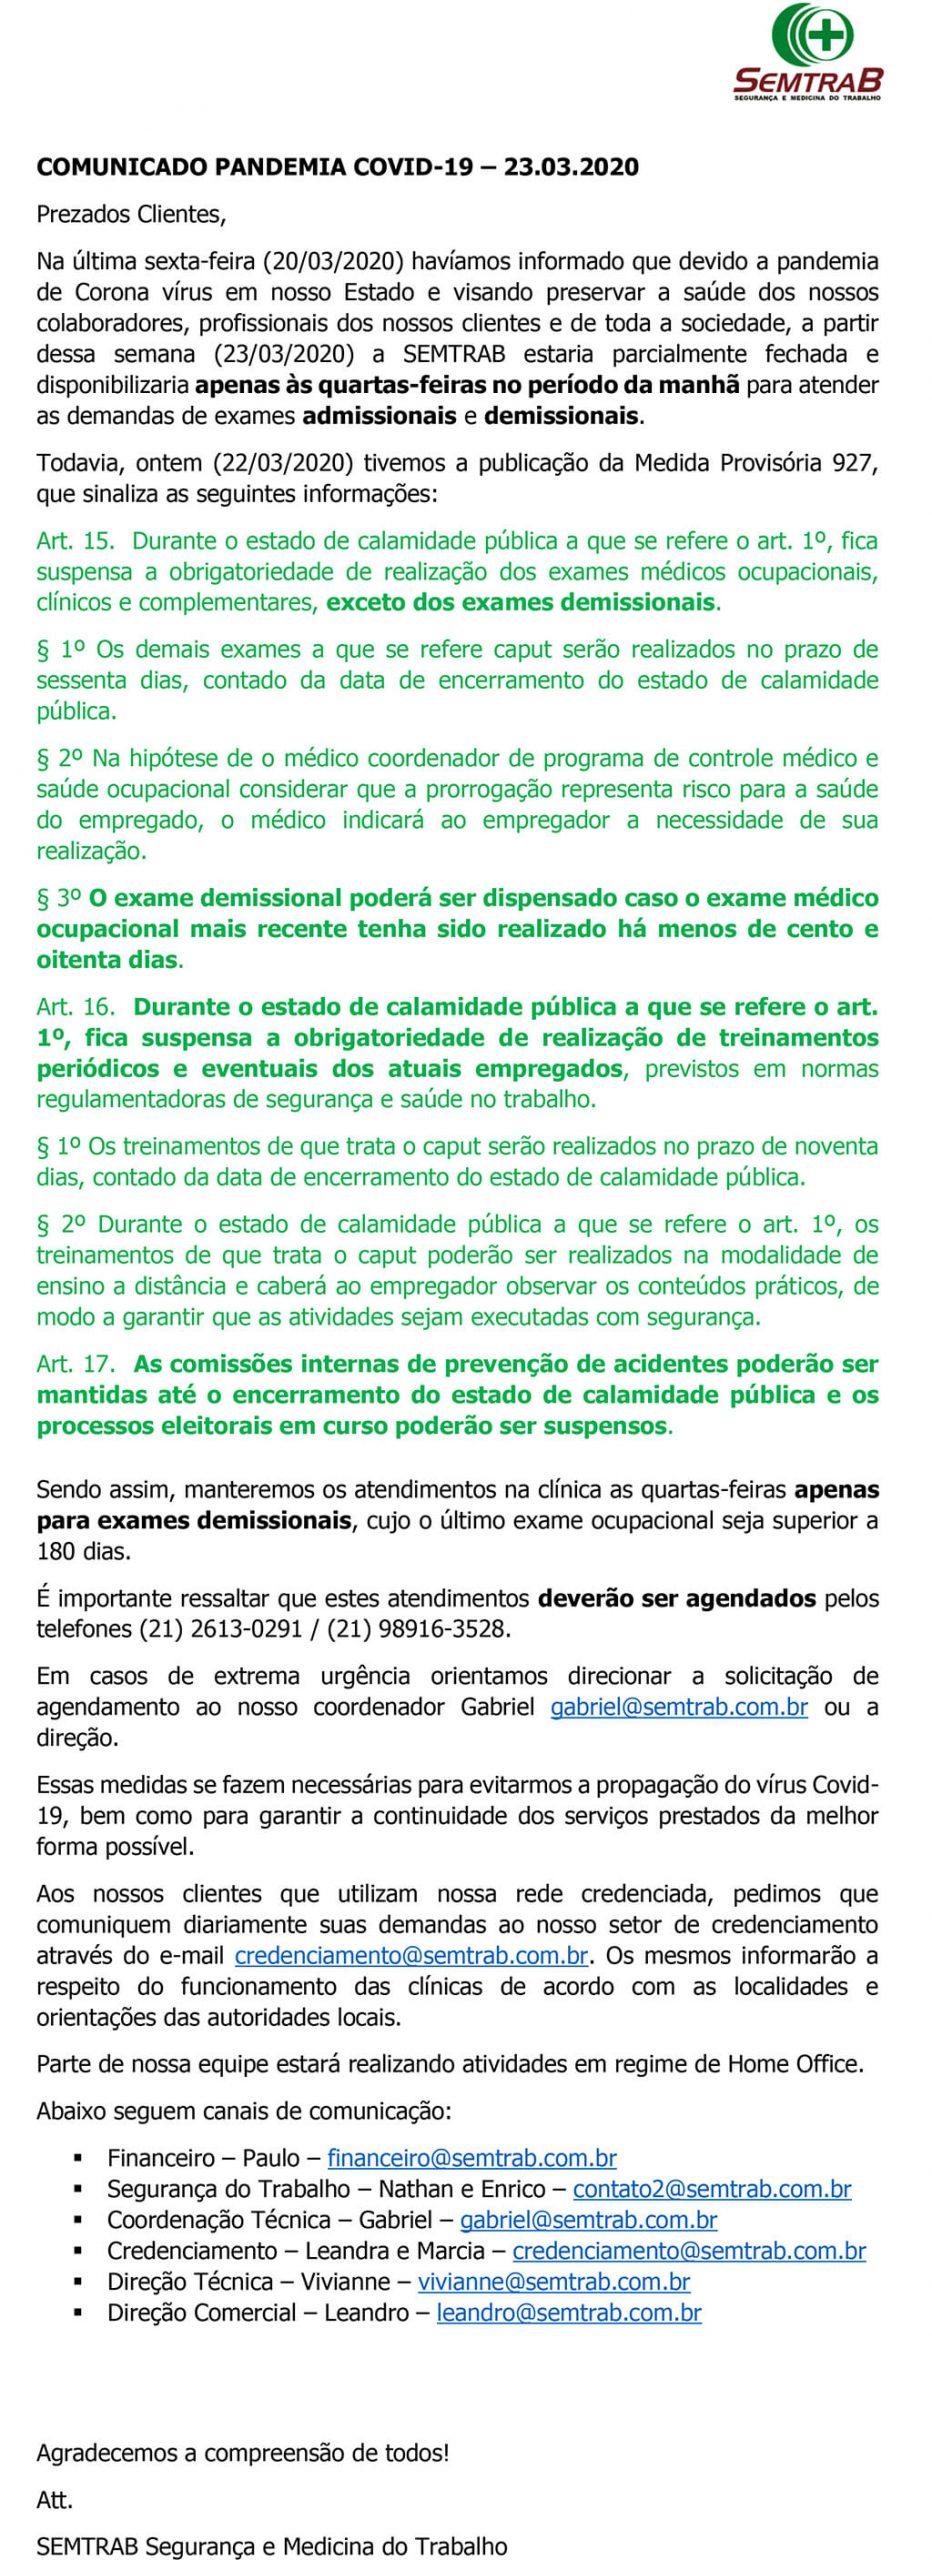 Comunicado Pandemia COVID 19 - 23/03/2020